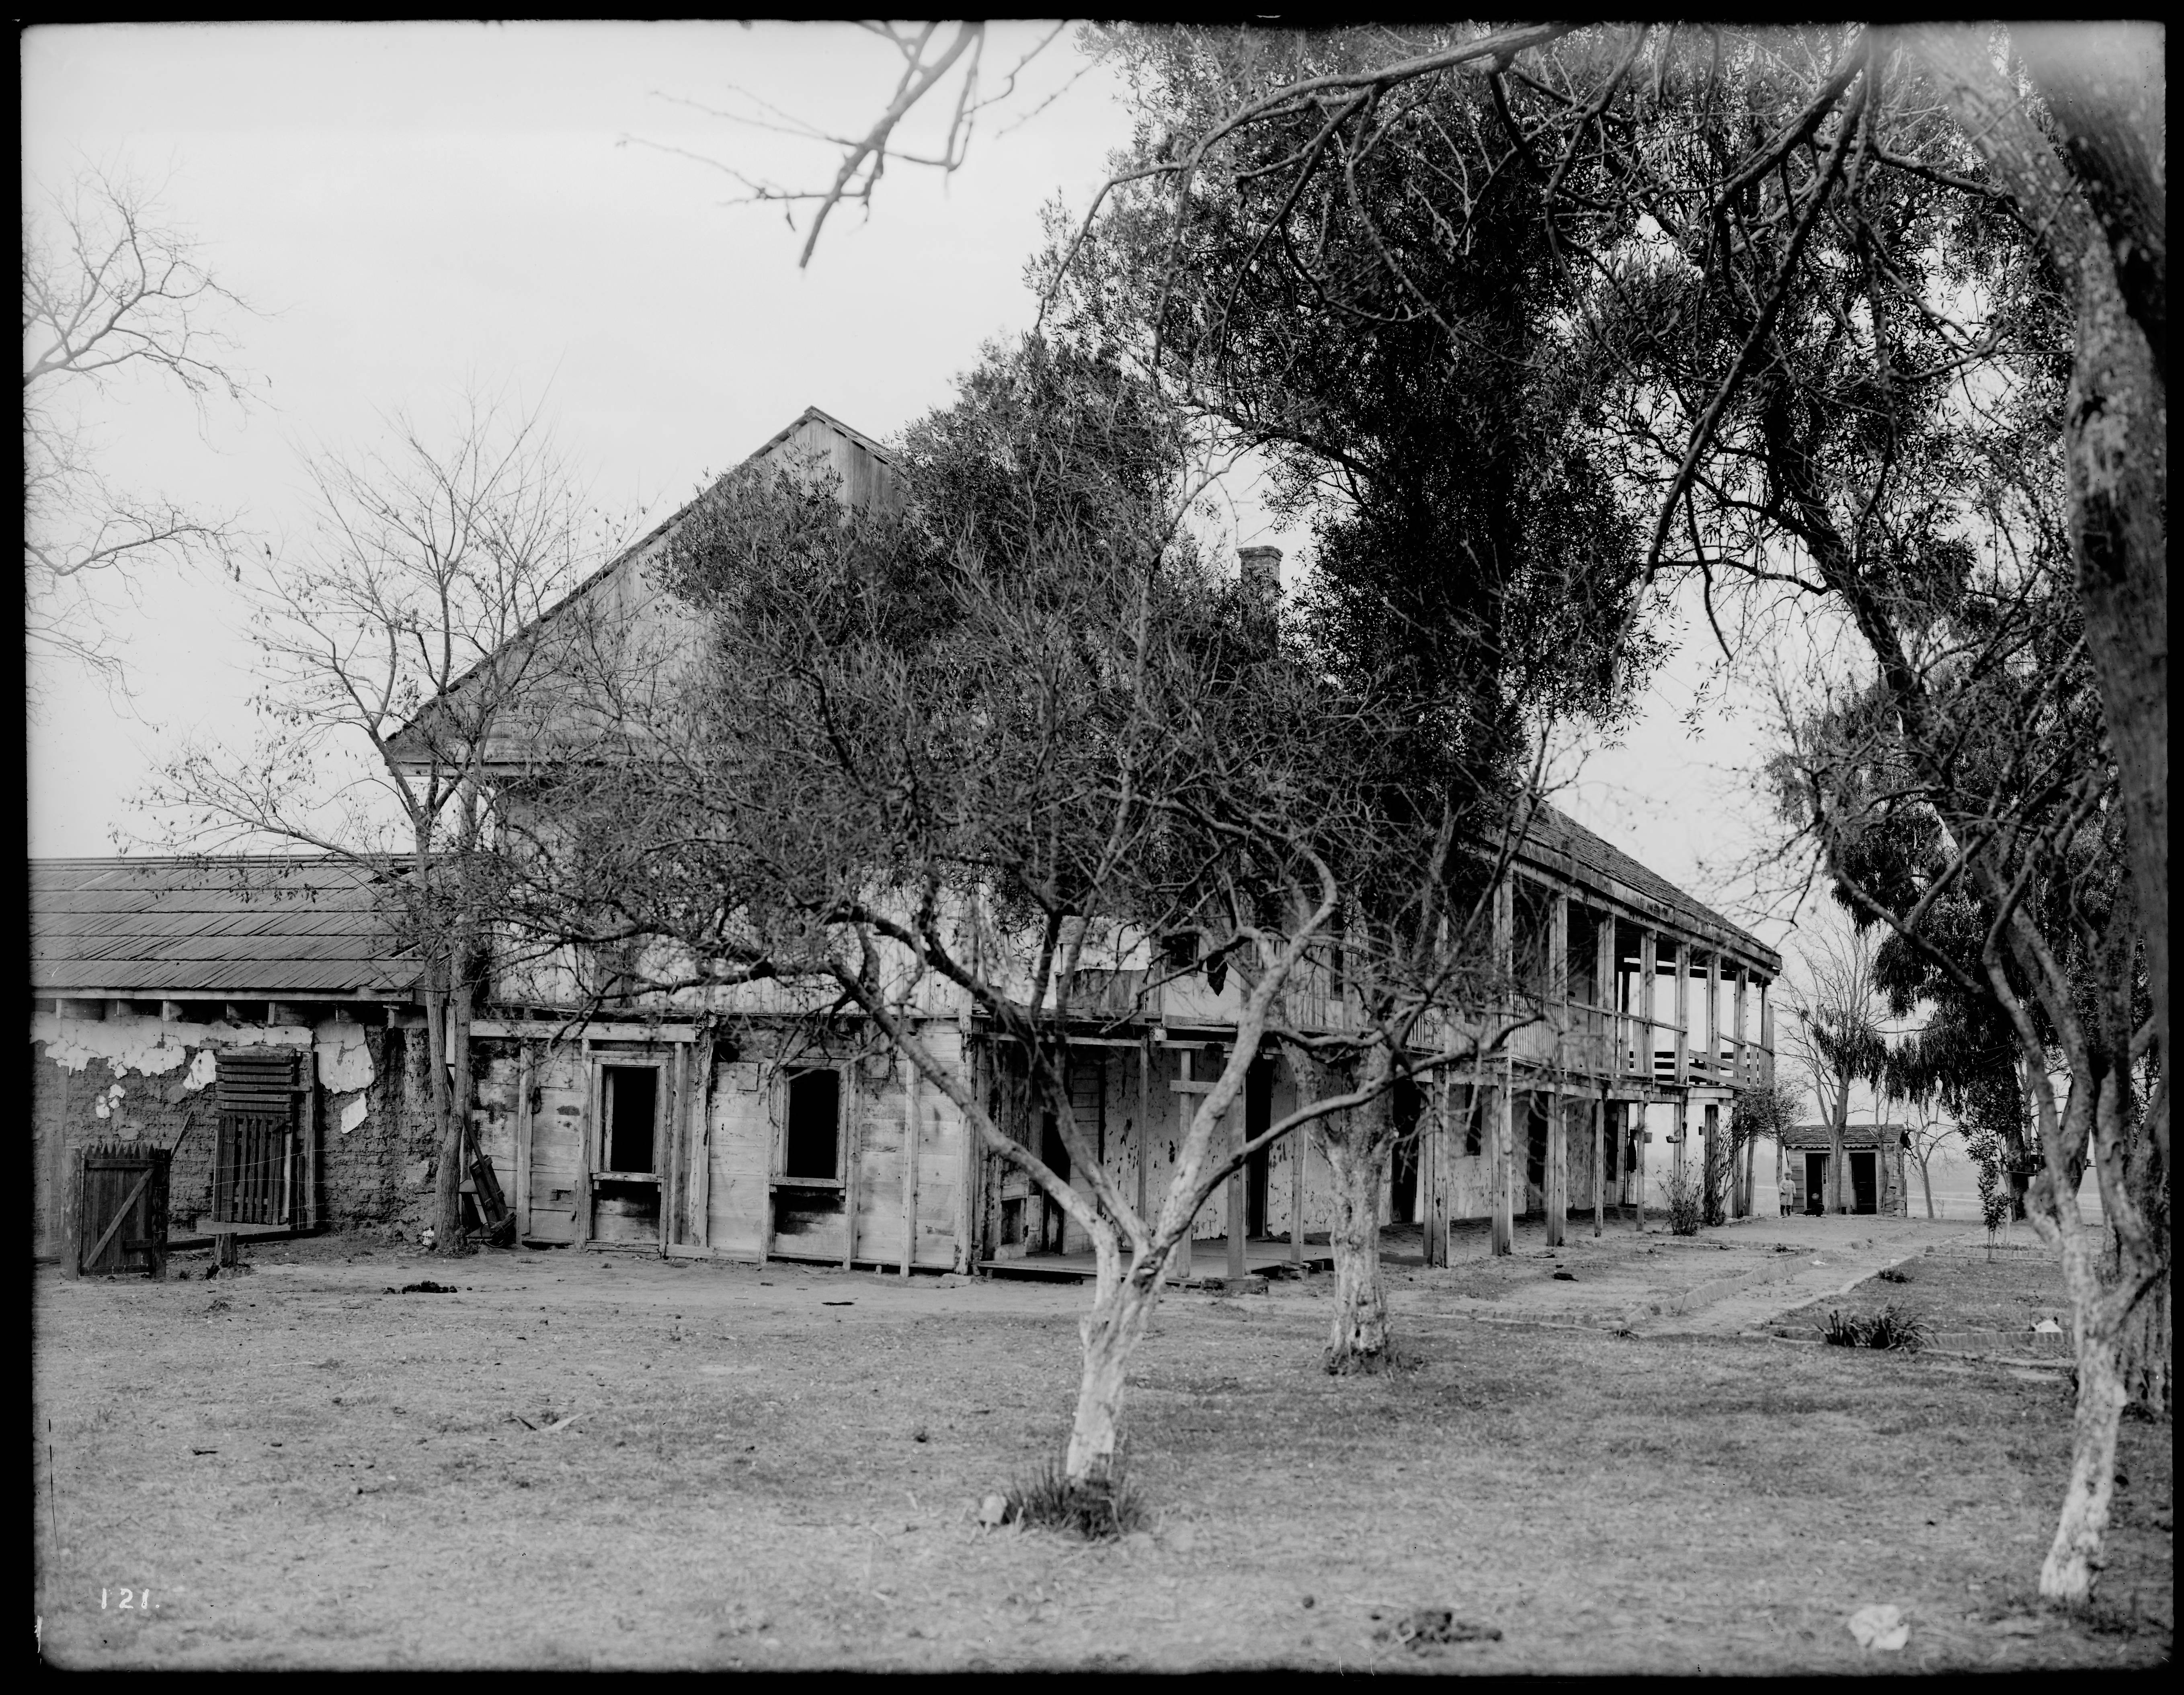 File:Exterior view of Rancho Los Cerritos ranch house in